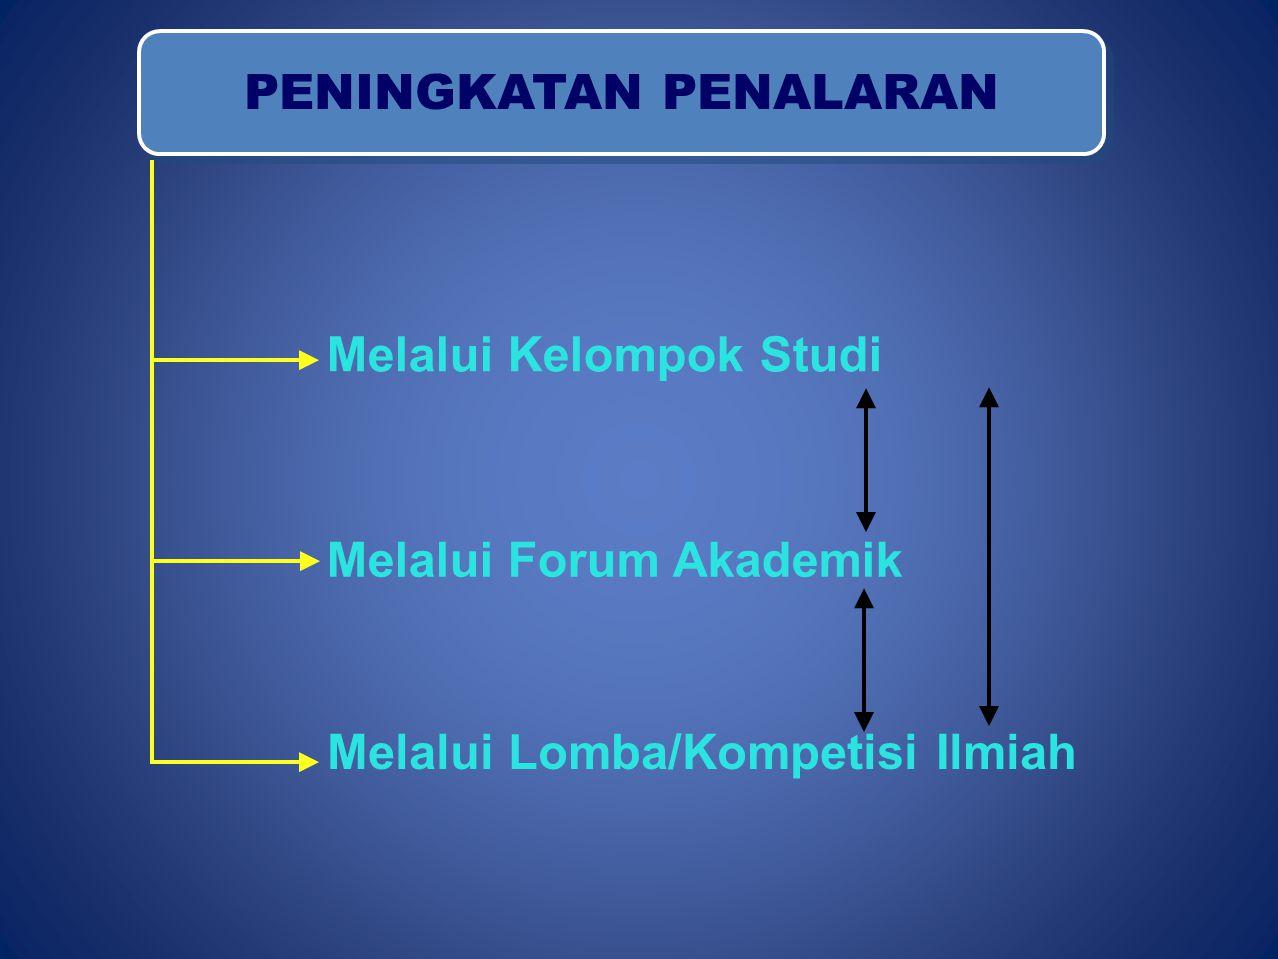 PENINGKATAN PENALARAN Melalui Kelompok Studi Melalui Forum Akademik Melalui Lomba/Kompetisi Ilmiah